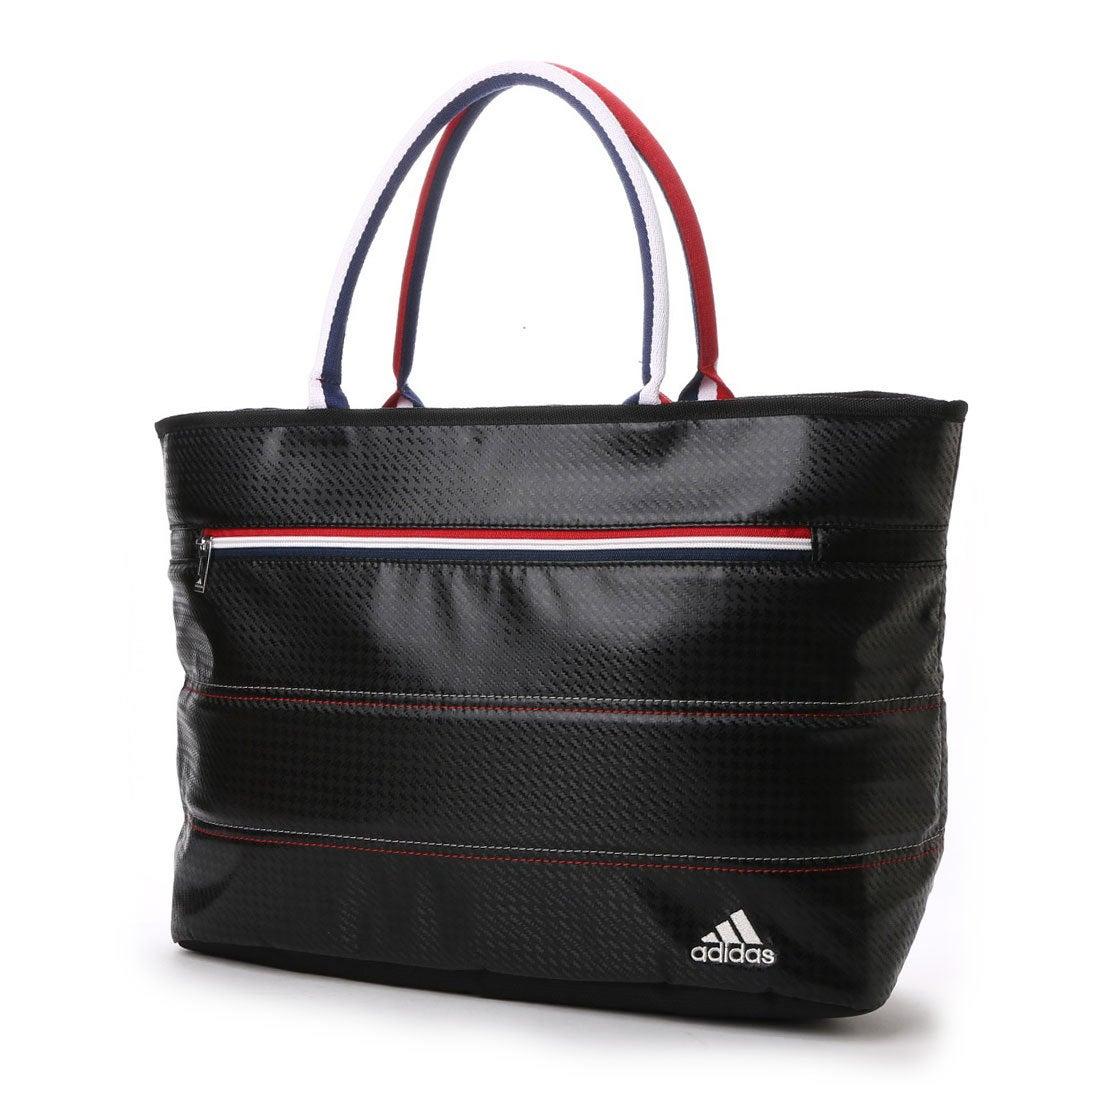 アディダス adidas レディース ゴルフ ボストンバッグ ウィメンズ トートバッグ 2 A42063